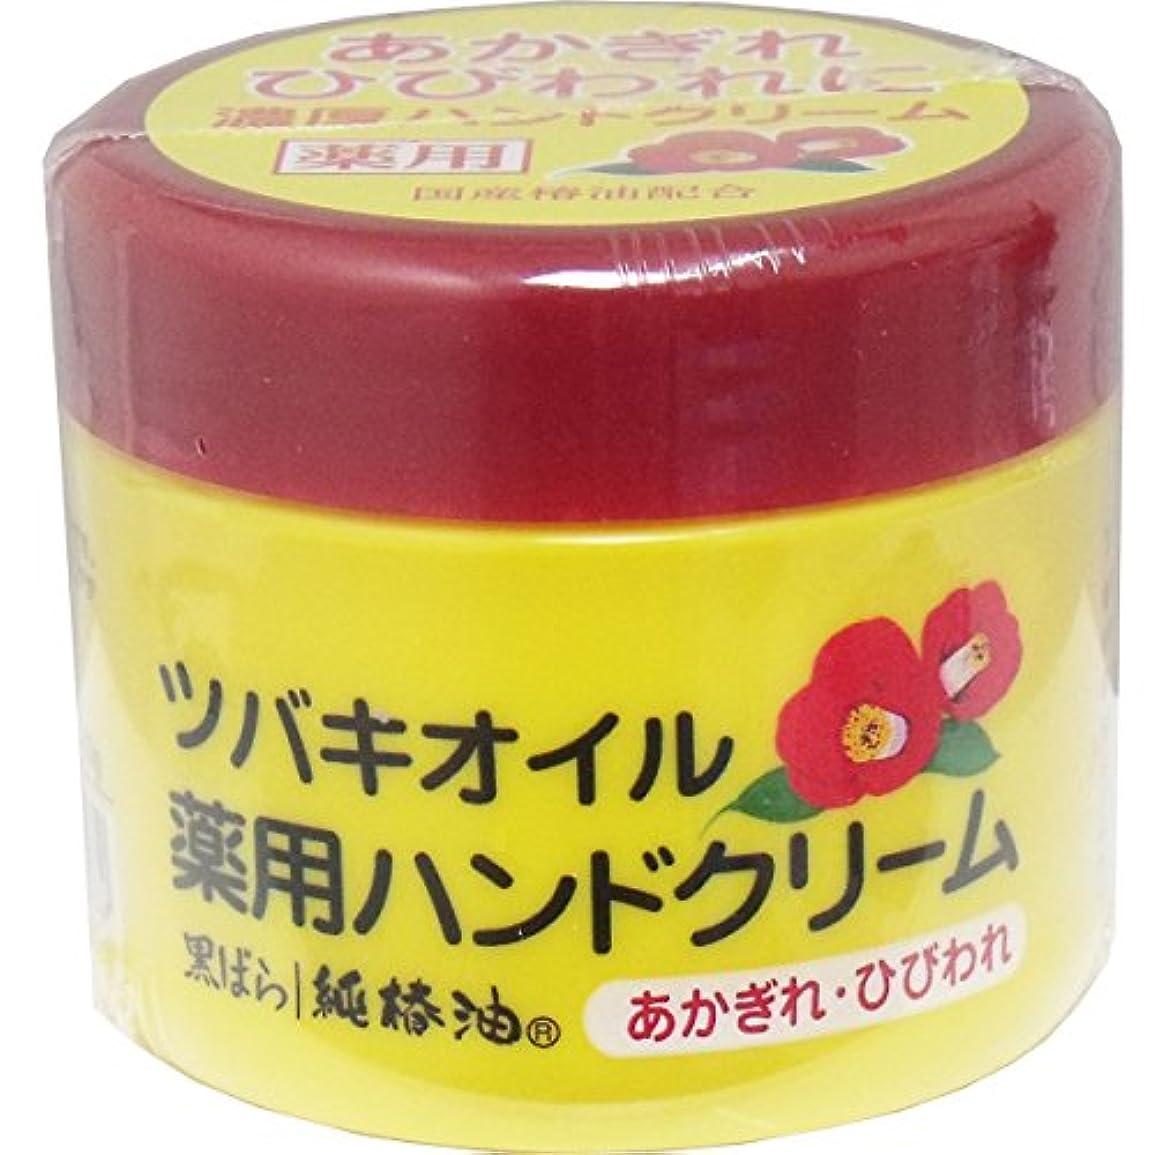 スリッパつかの間測る【セット品】ツバキオイル 薬用ハンドクリーム (医薬部外品) 80g ×3個